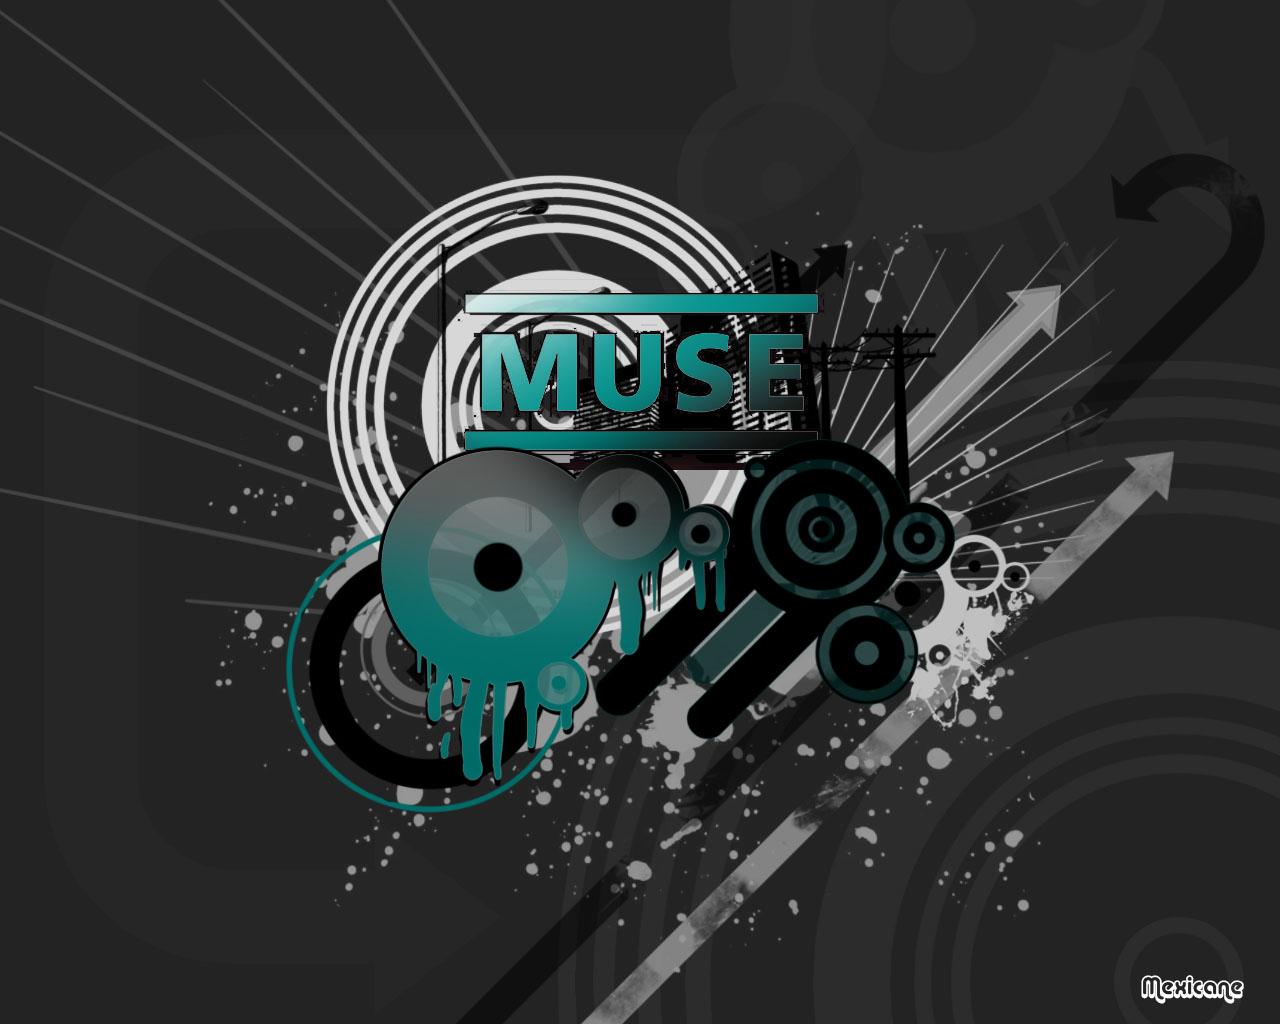 http://4.bp.blogspot.com/-RofZadXTpb0/TtzpoTDkb0I/AAAAAAAABT4/QI9-lITODXE/s1600/muse-wallpaper-hd-5-776964.jpg